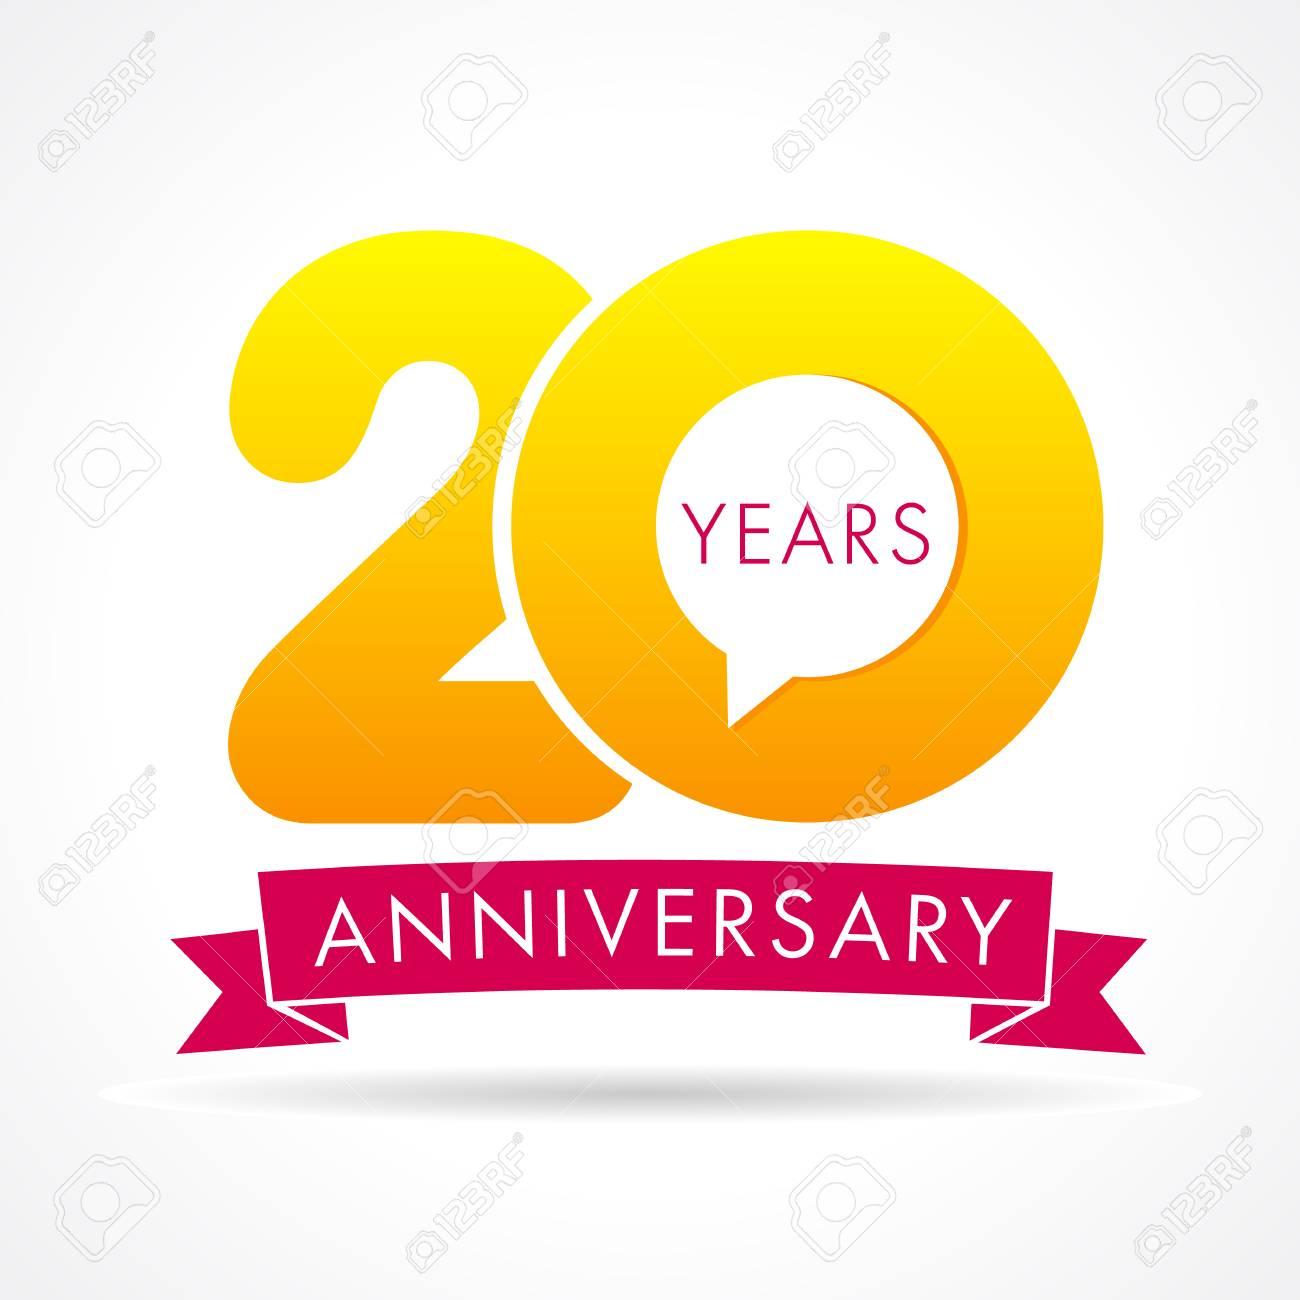 Logo De Communication Anniversaire 20 Ans étiquette De Logo Danniversaire De 20 Ans Signe De Numéro De Vecteur Jaune Et Ruban Rose Isolé